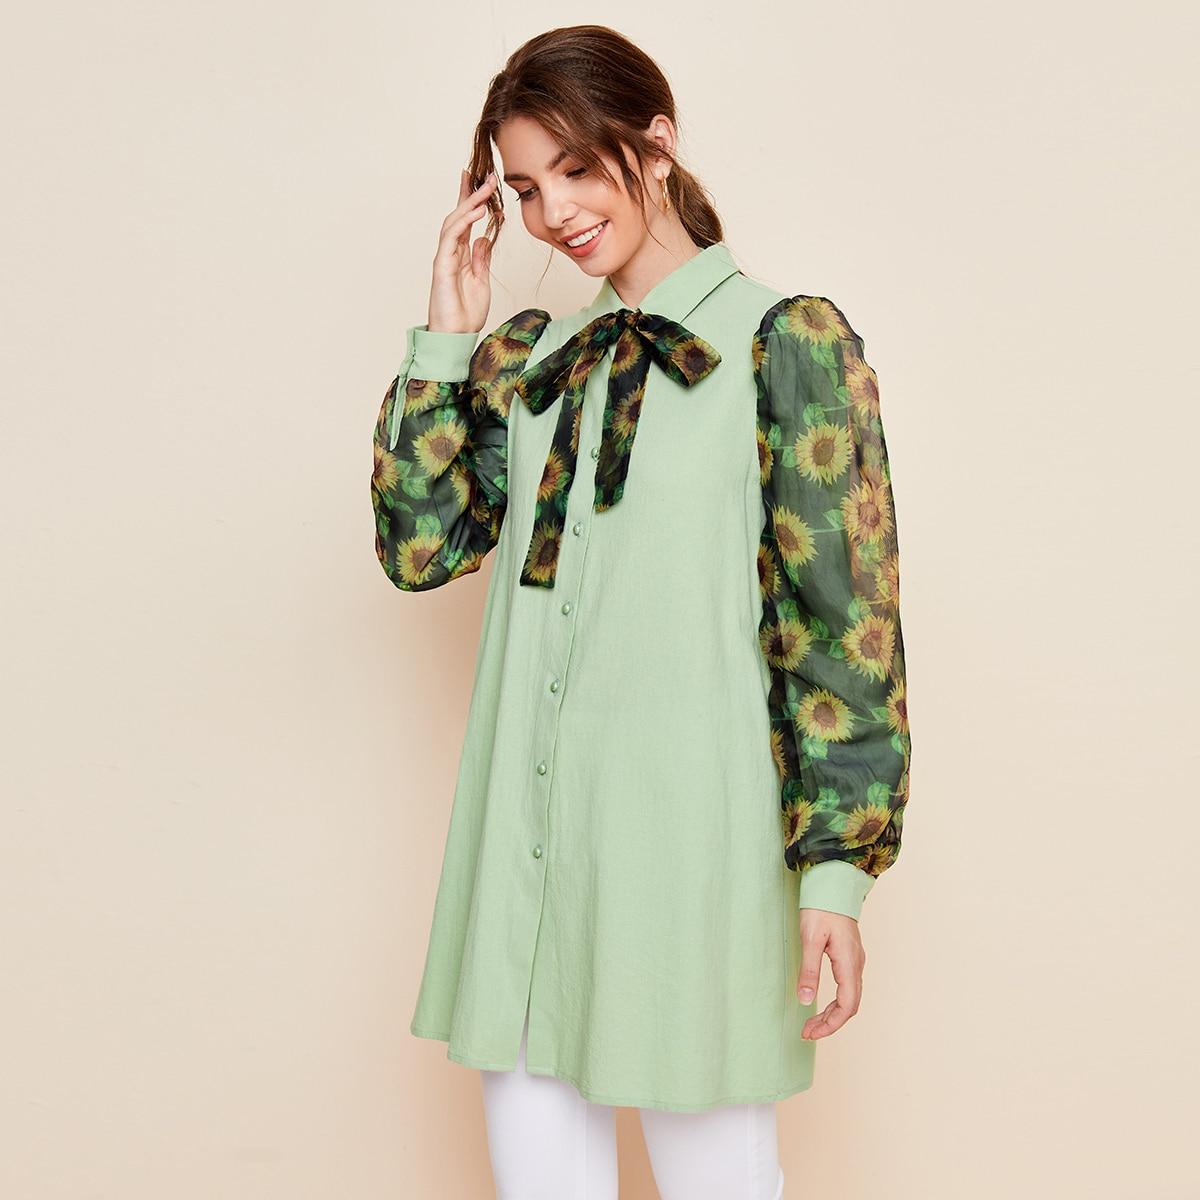 Блузка с воротником-бантом, пышным рукавом из органзы и узором подсолнуха